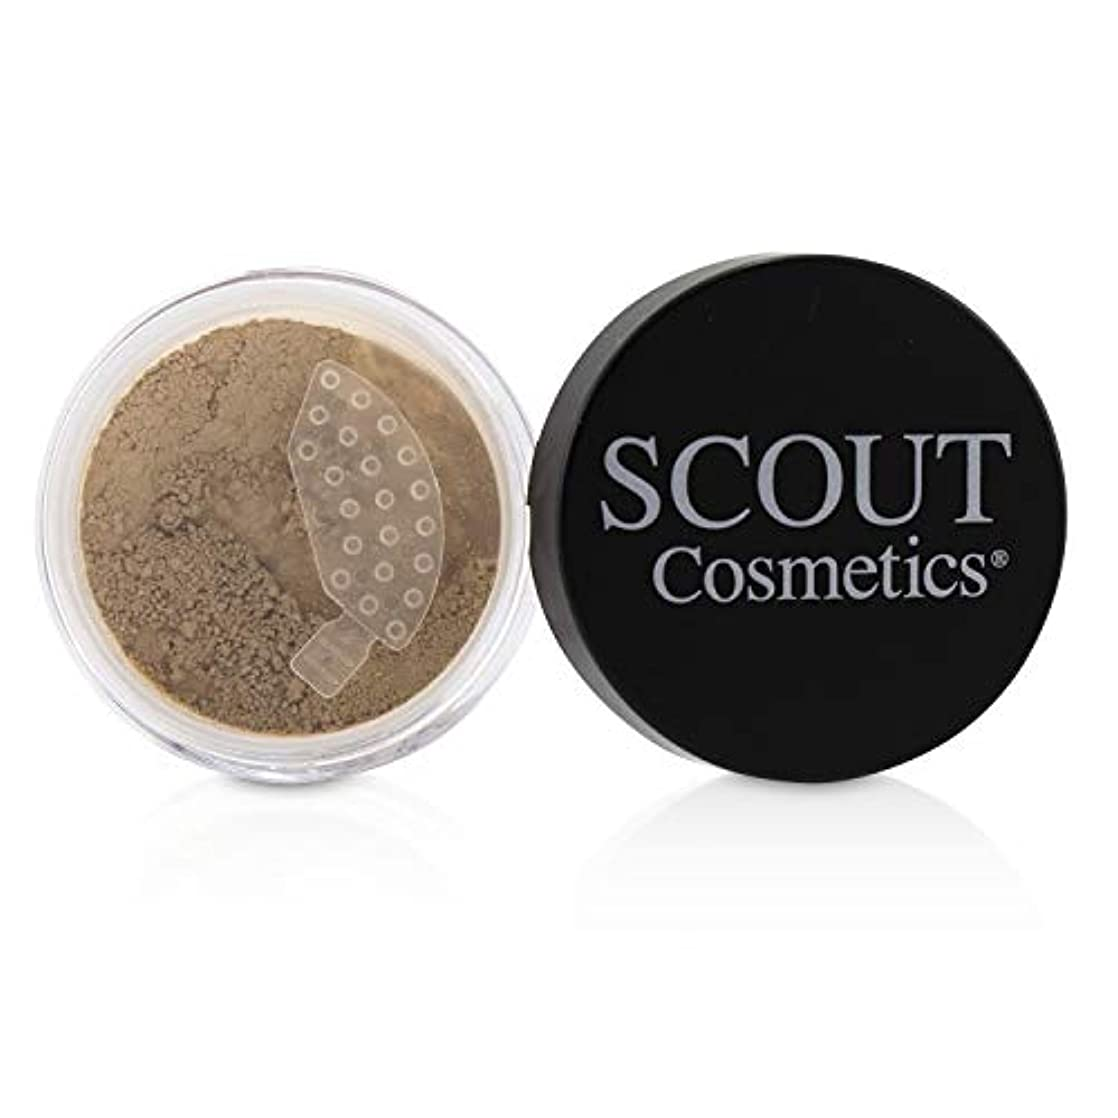 有毒なテロイチゴSCOUT Cosmetics Mineral Powder Foundation SPF 20 - # Shell 8g/0.28oz並行輸入品